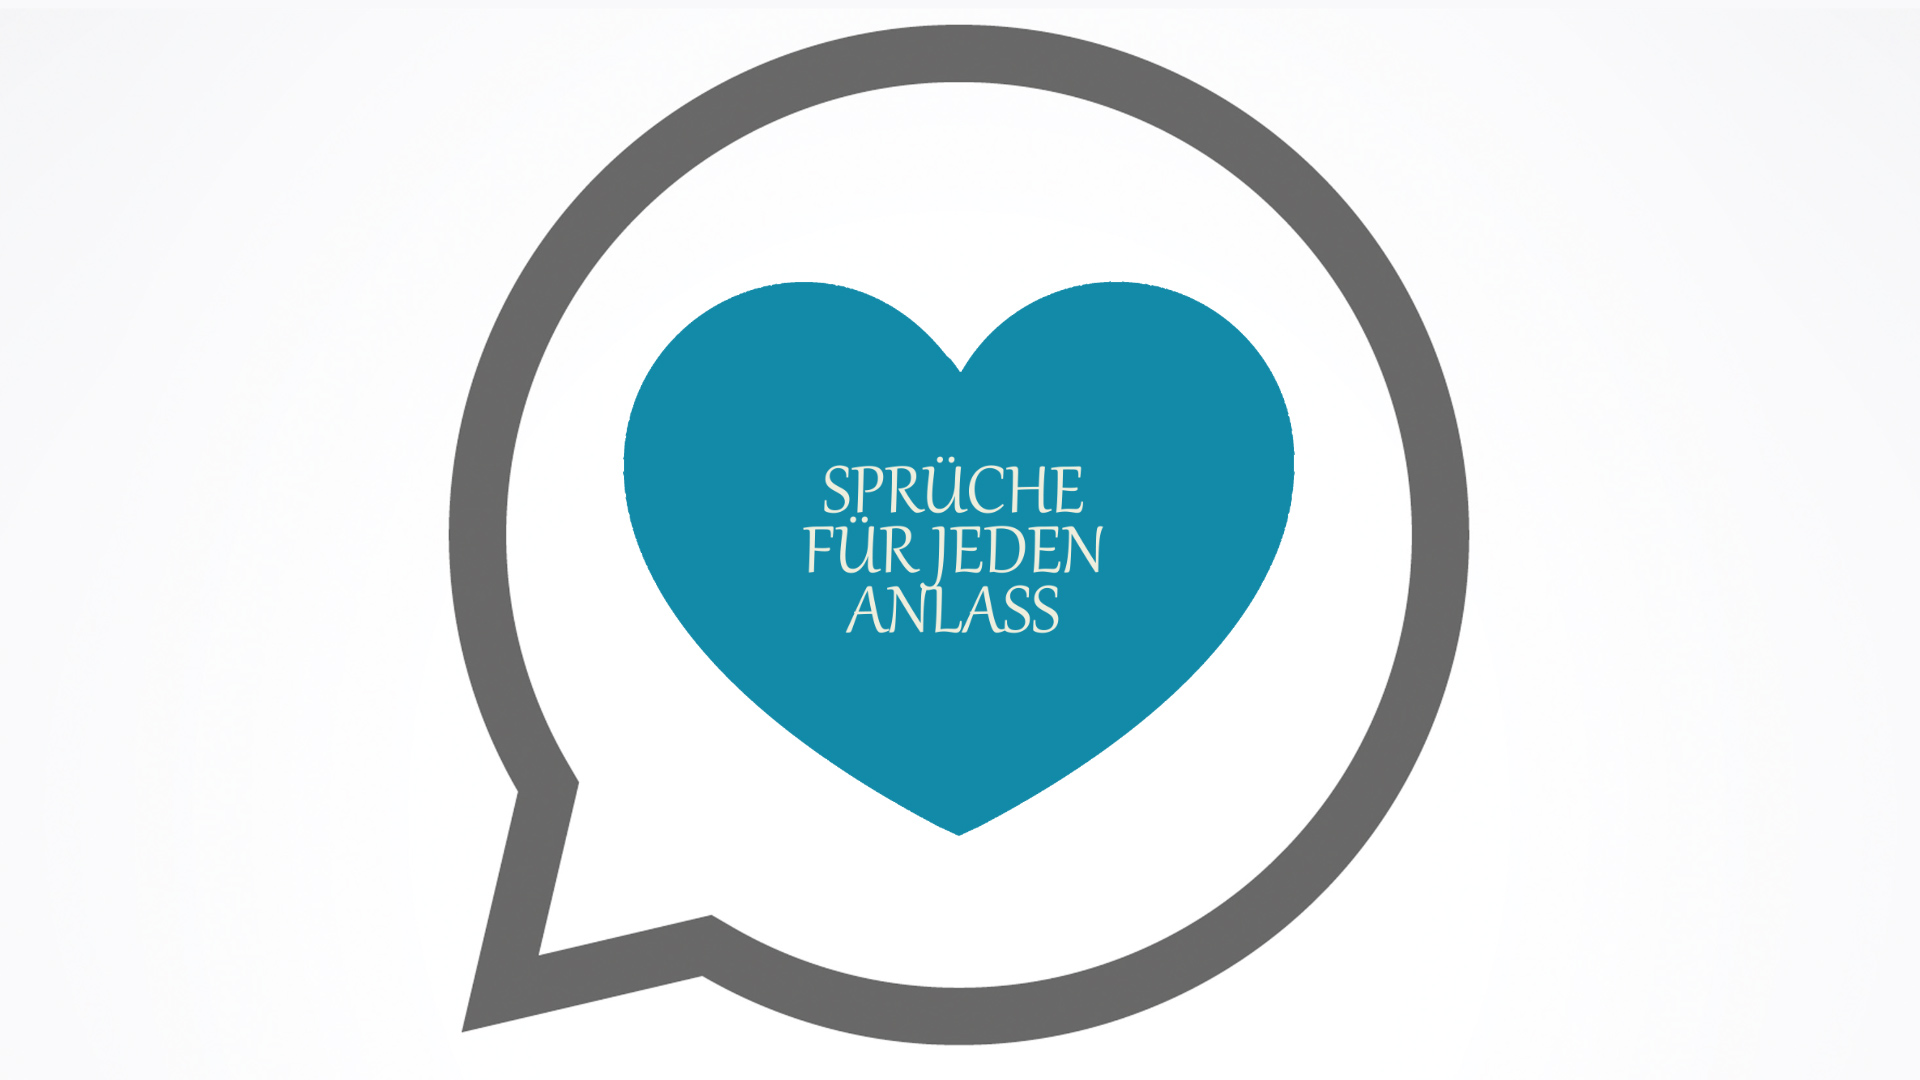 Whatsapp Sprüche Für Jeden Anlass